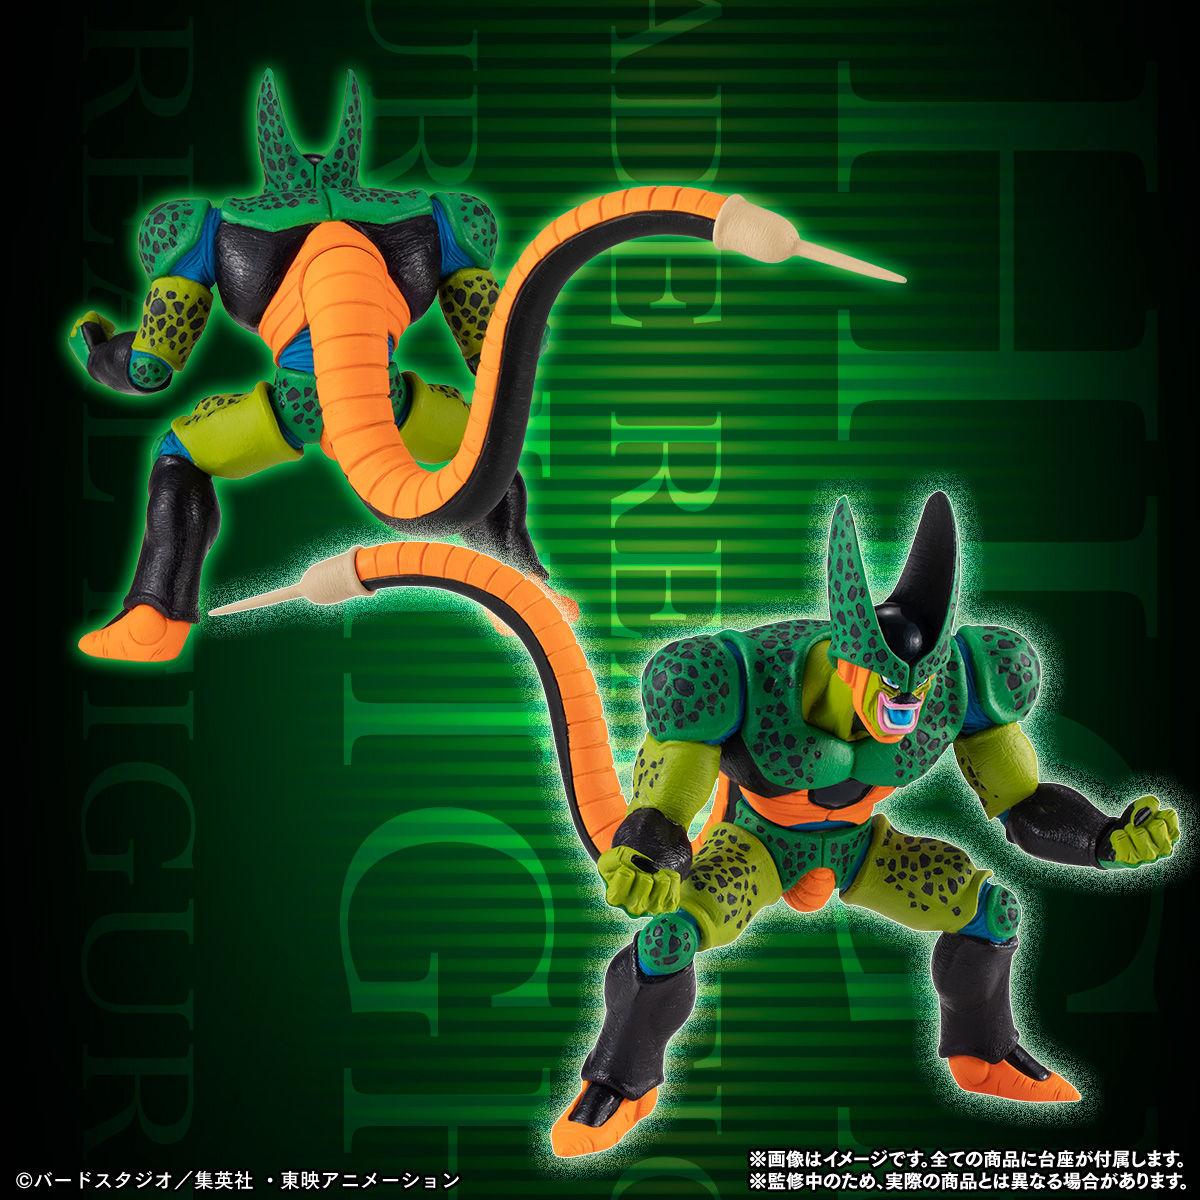 【限定販売】HGシリーズ『HG ドラゴンボール セル完全セット』全8種-004